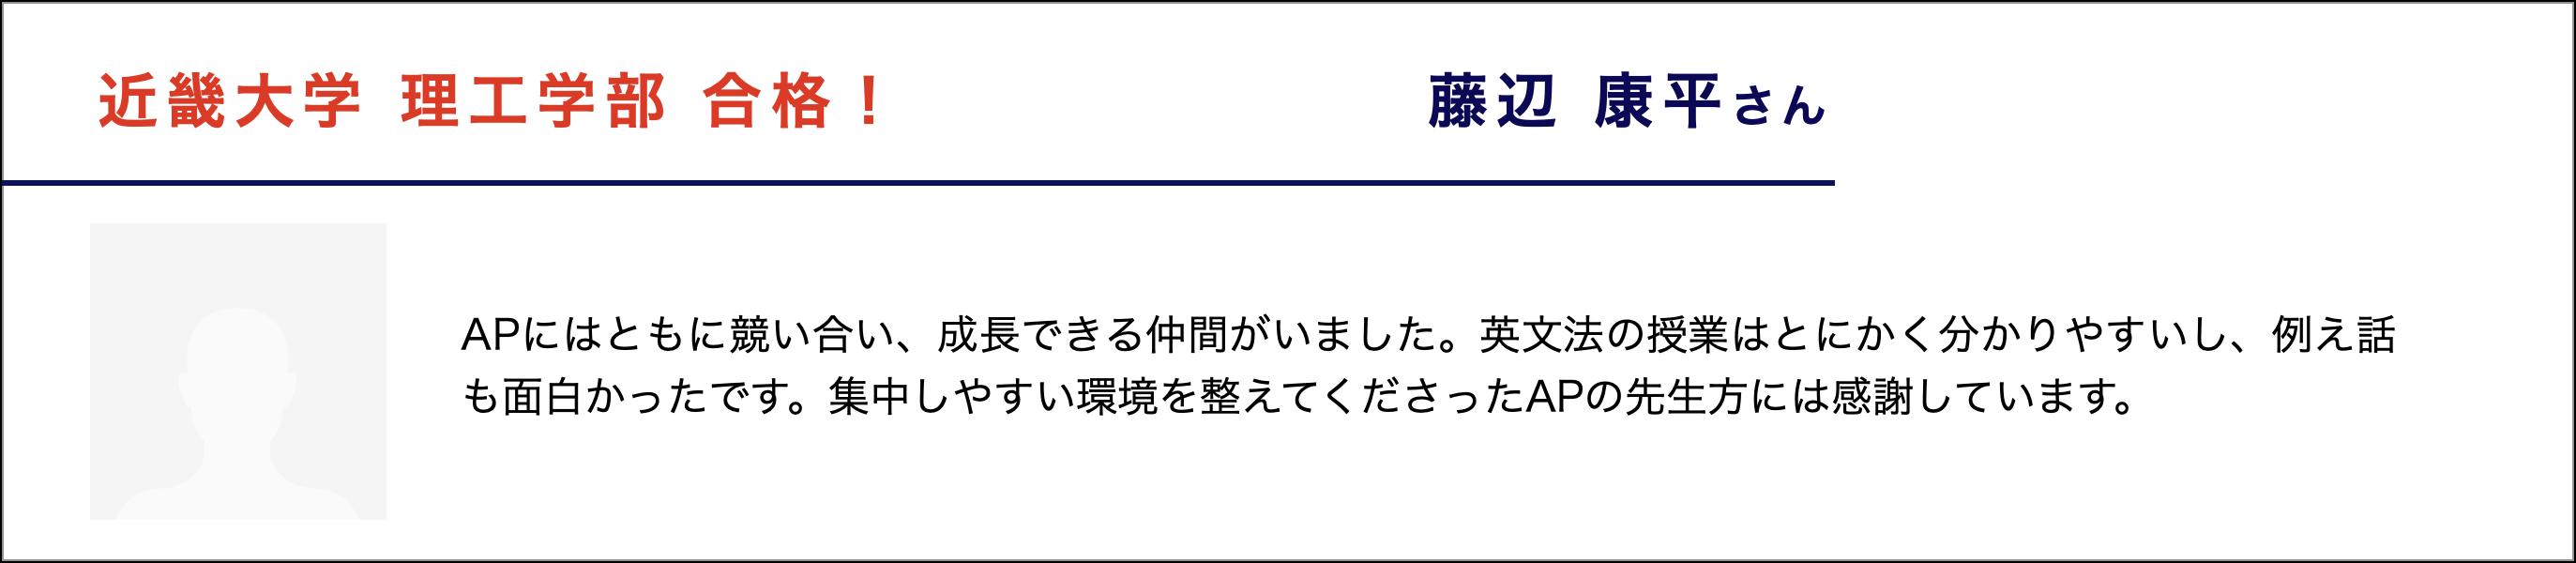 藤辺 康平さん